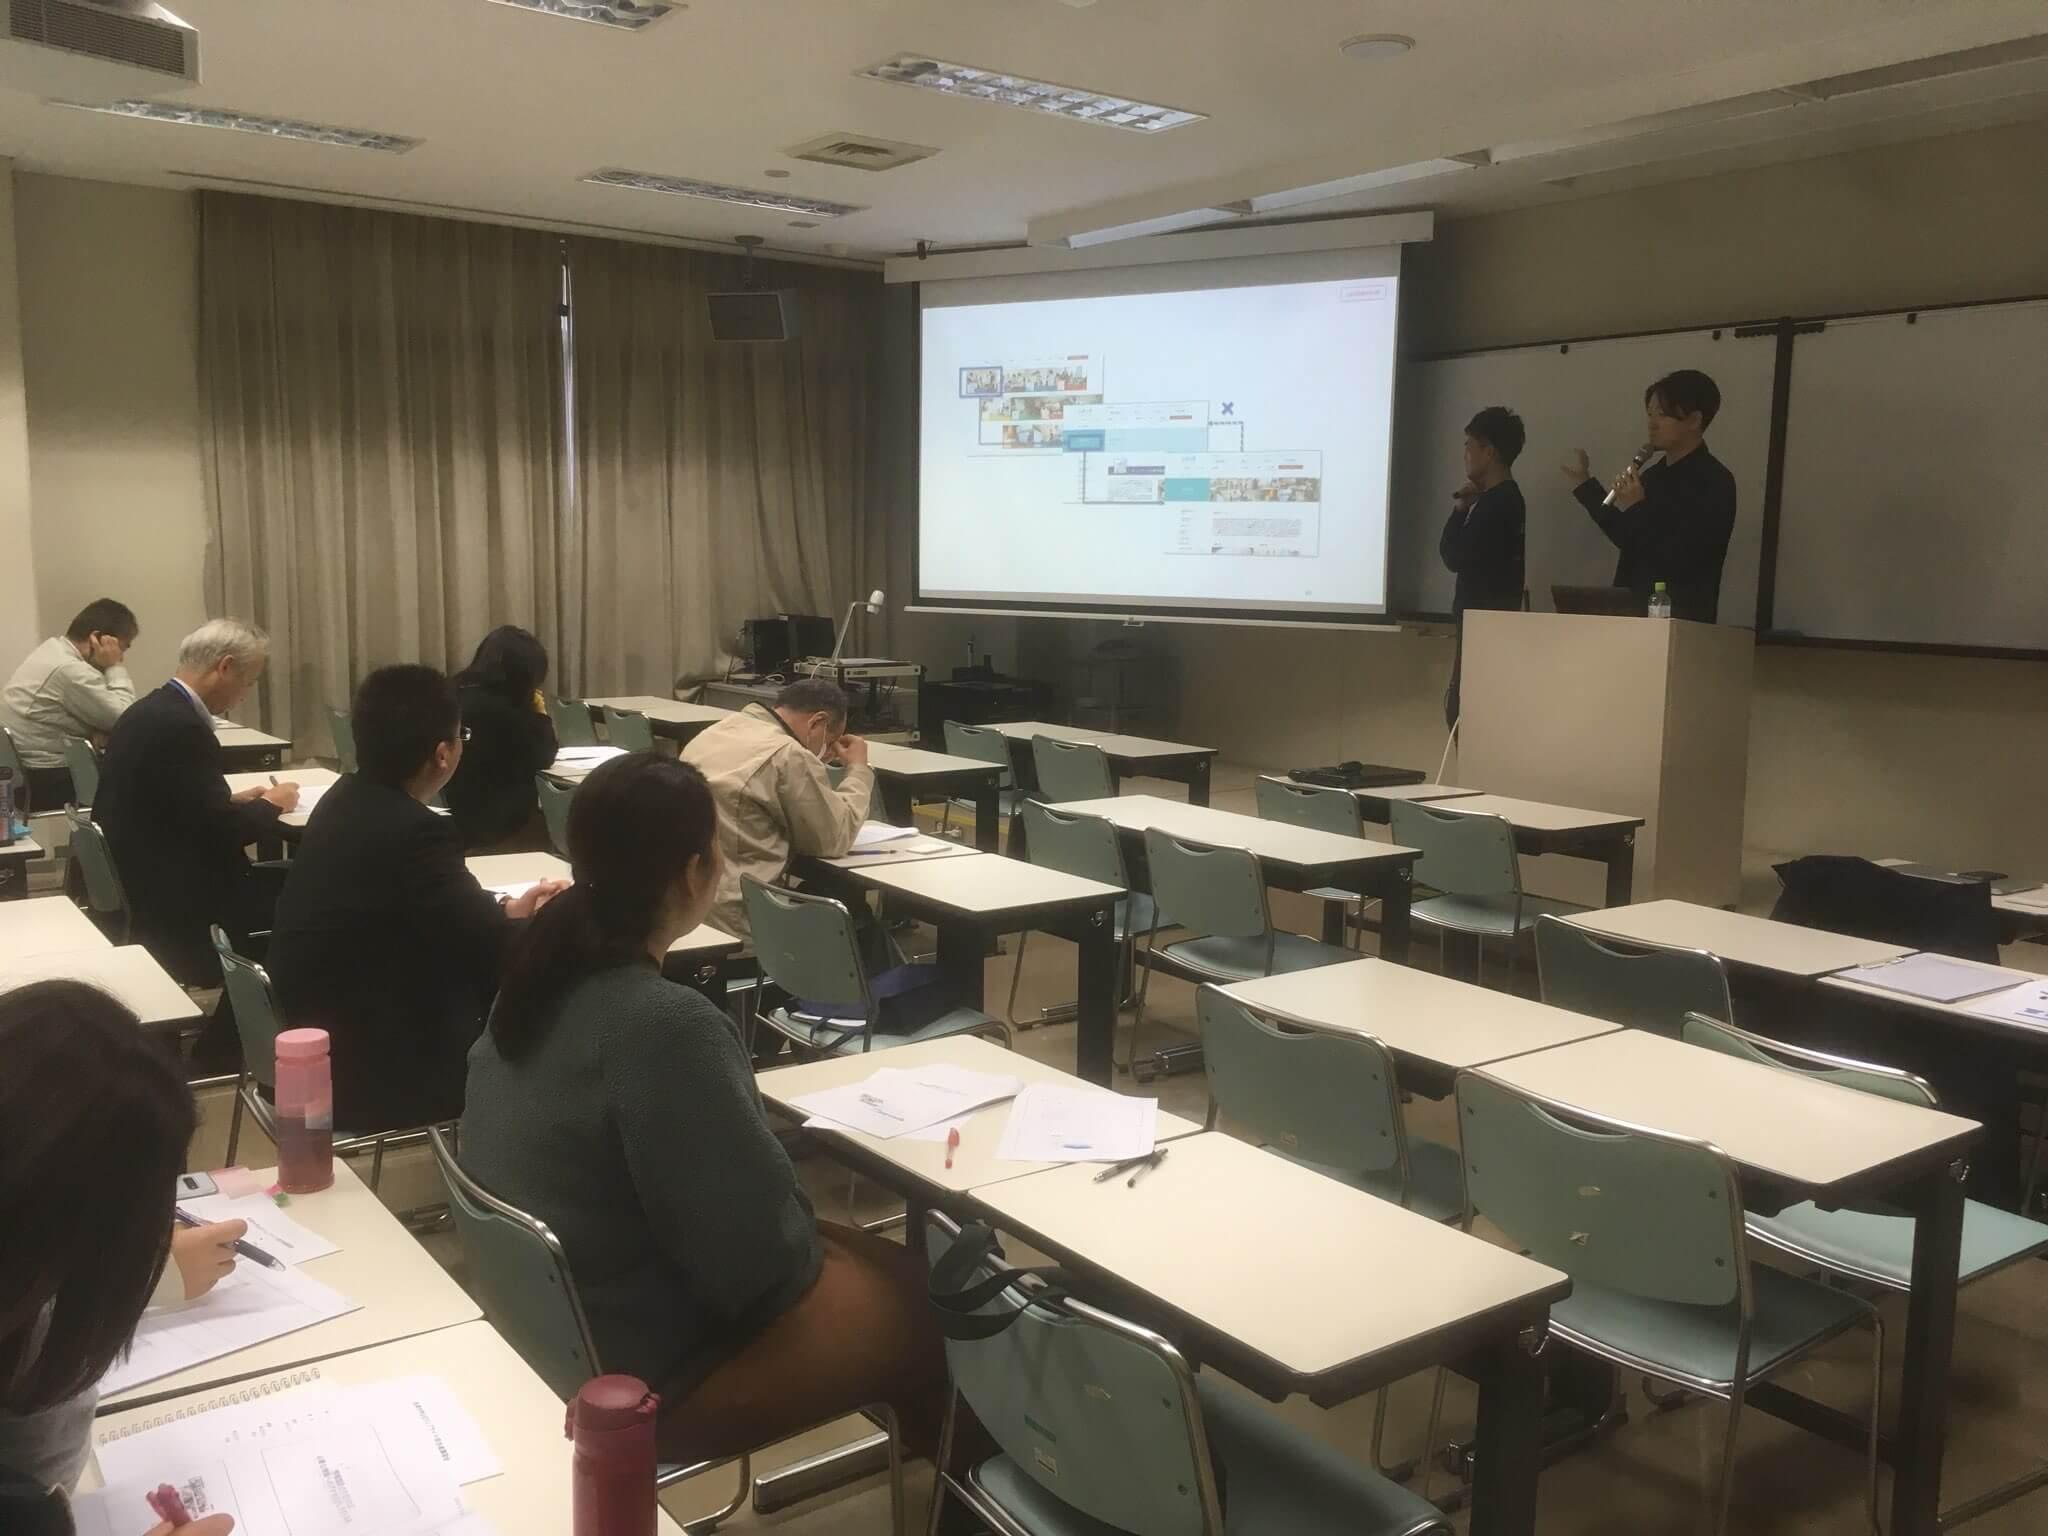 会津大学公式ウェブサイト担当者講習会にて、当社社員が講演を行いました